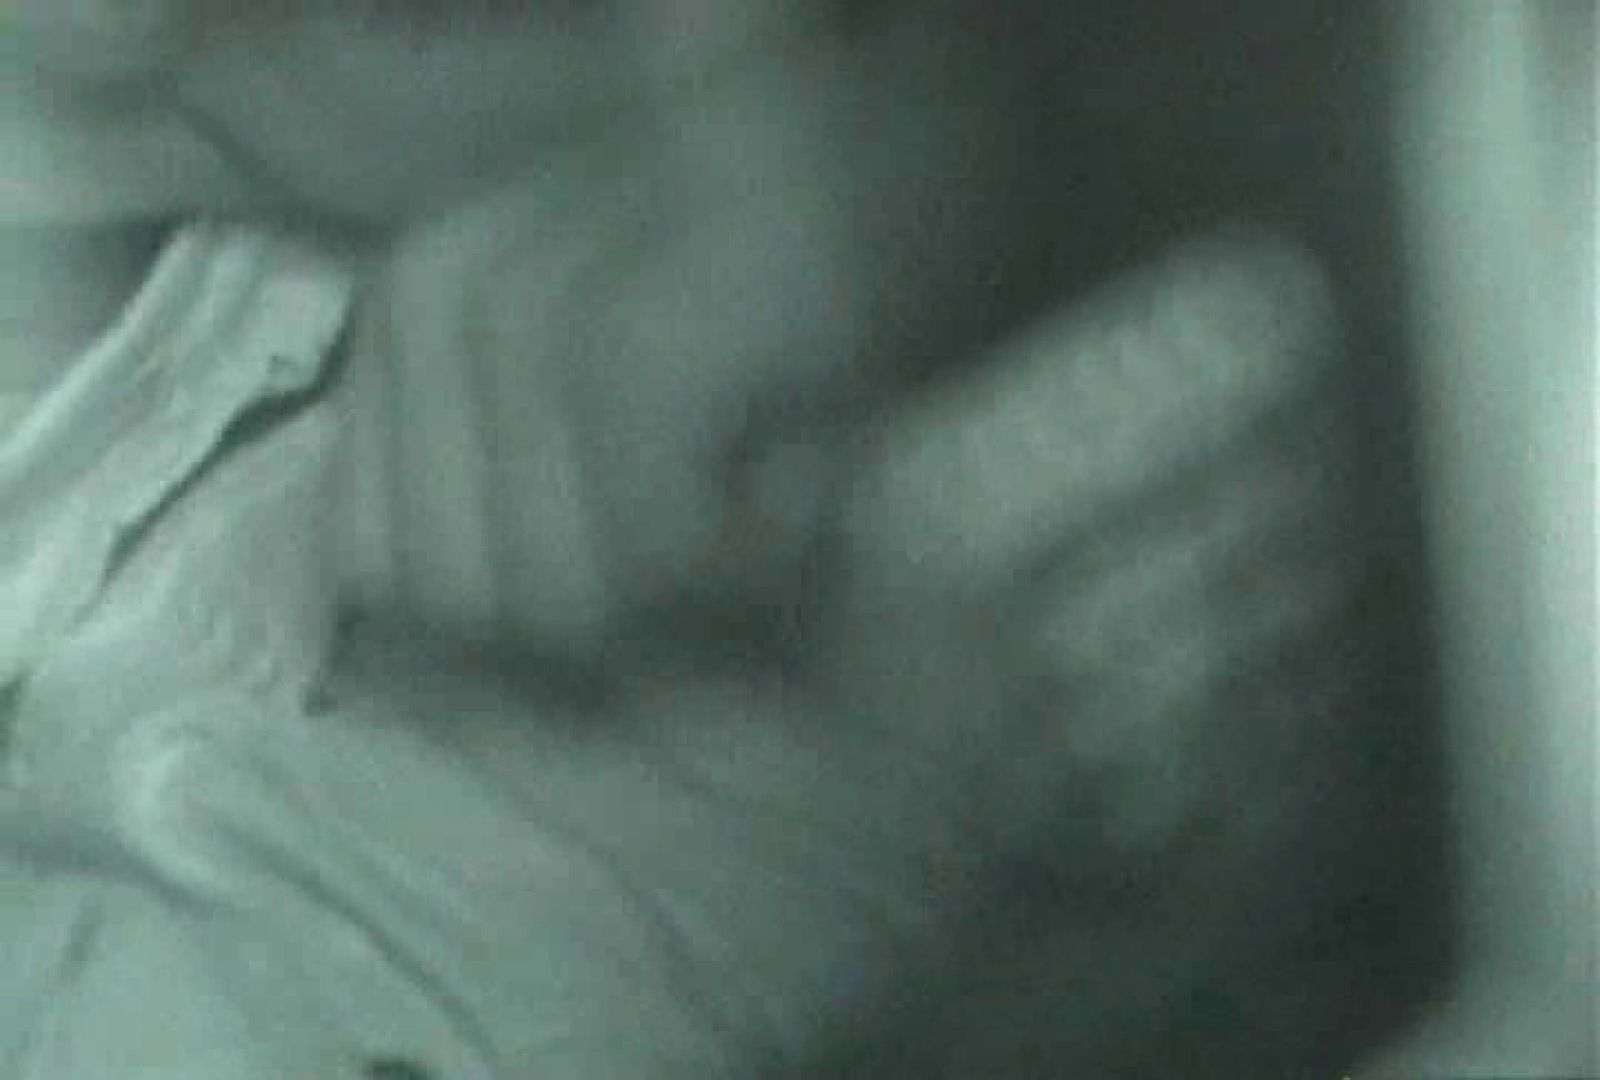 充血監督の深夜の運動会Vol.44 カップル 盗撮動画紹介 86連発 3